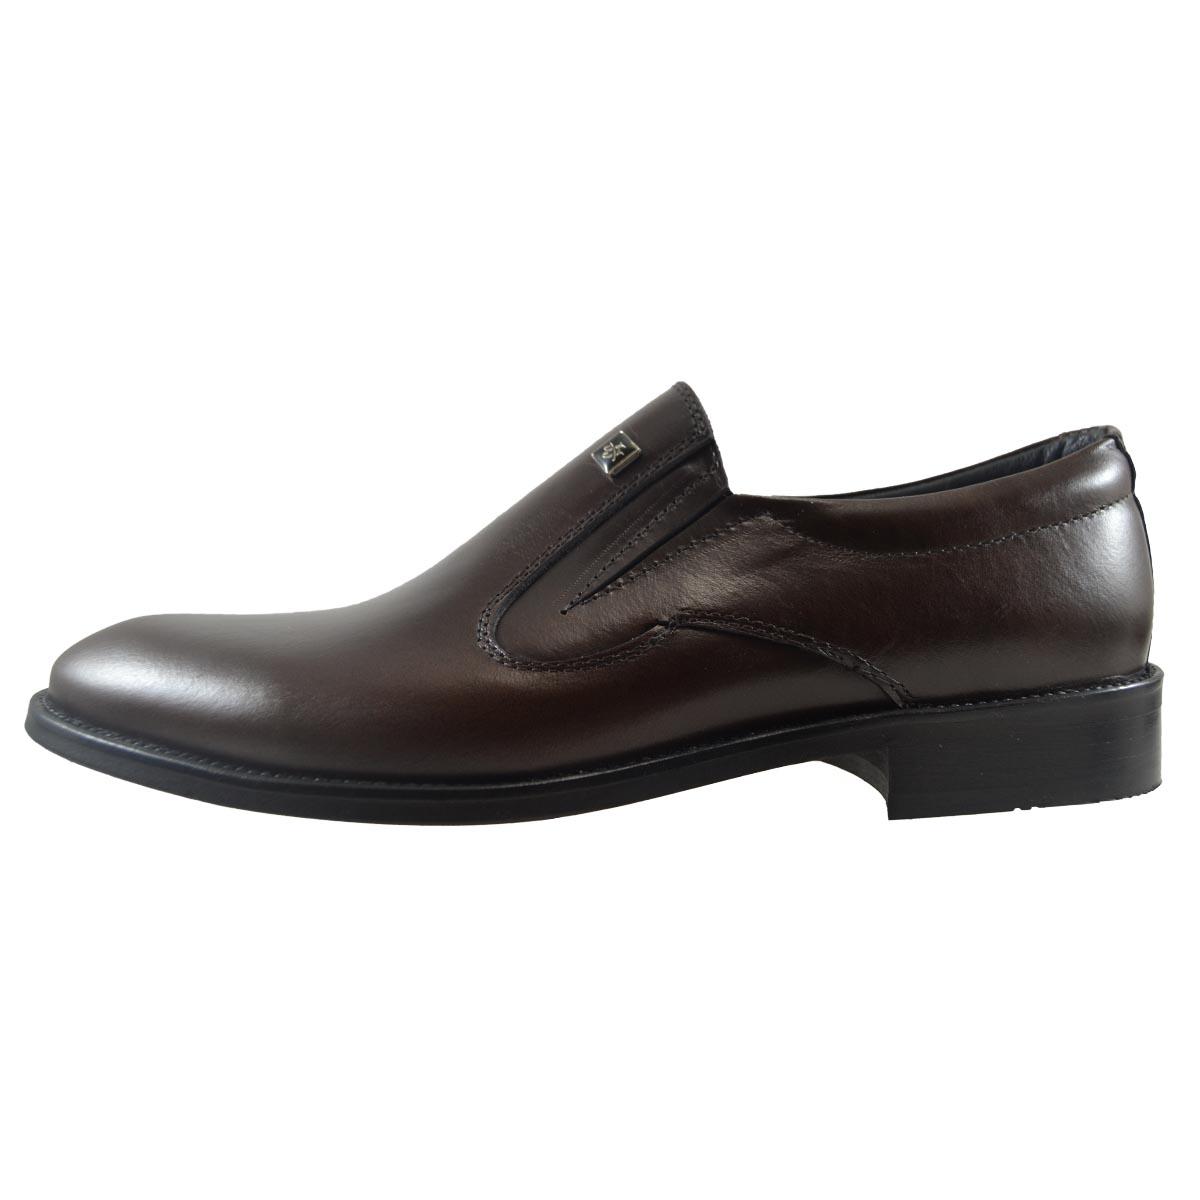 کفش مردانه کد 211             , خرید اینترنتی